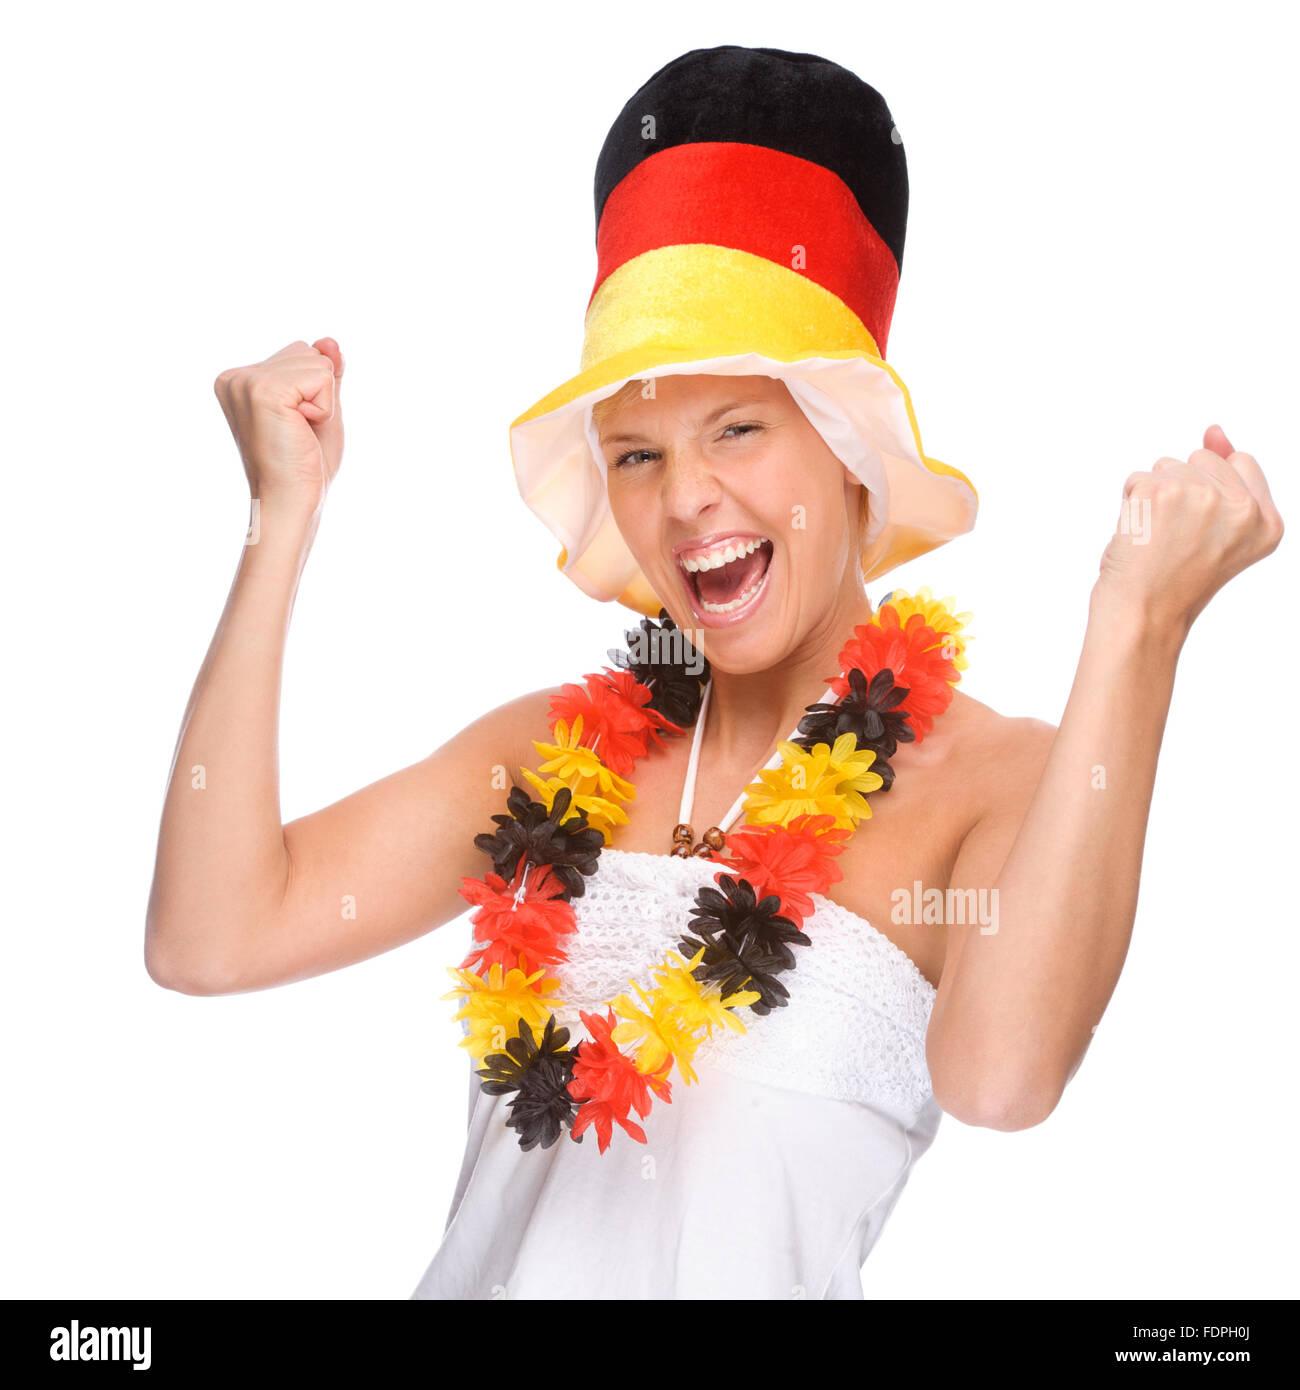 Allemagne,allemand,Culture,Ventilateur fan de foot,German fans Photo Stock